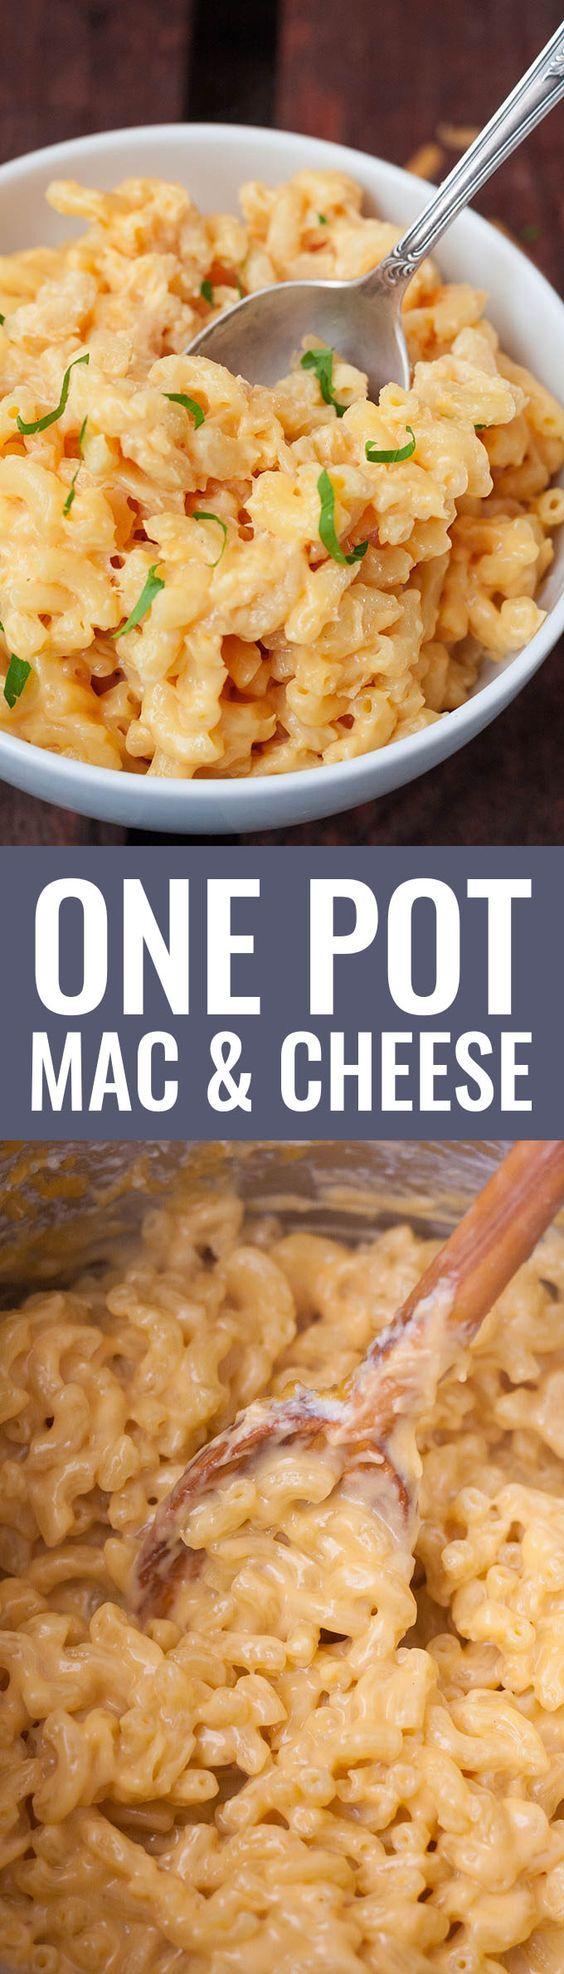 One Pot Mac & Cheese VORSICHT! Dieses Gericht ist zwar simpel zu machen, braucht aber